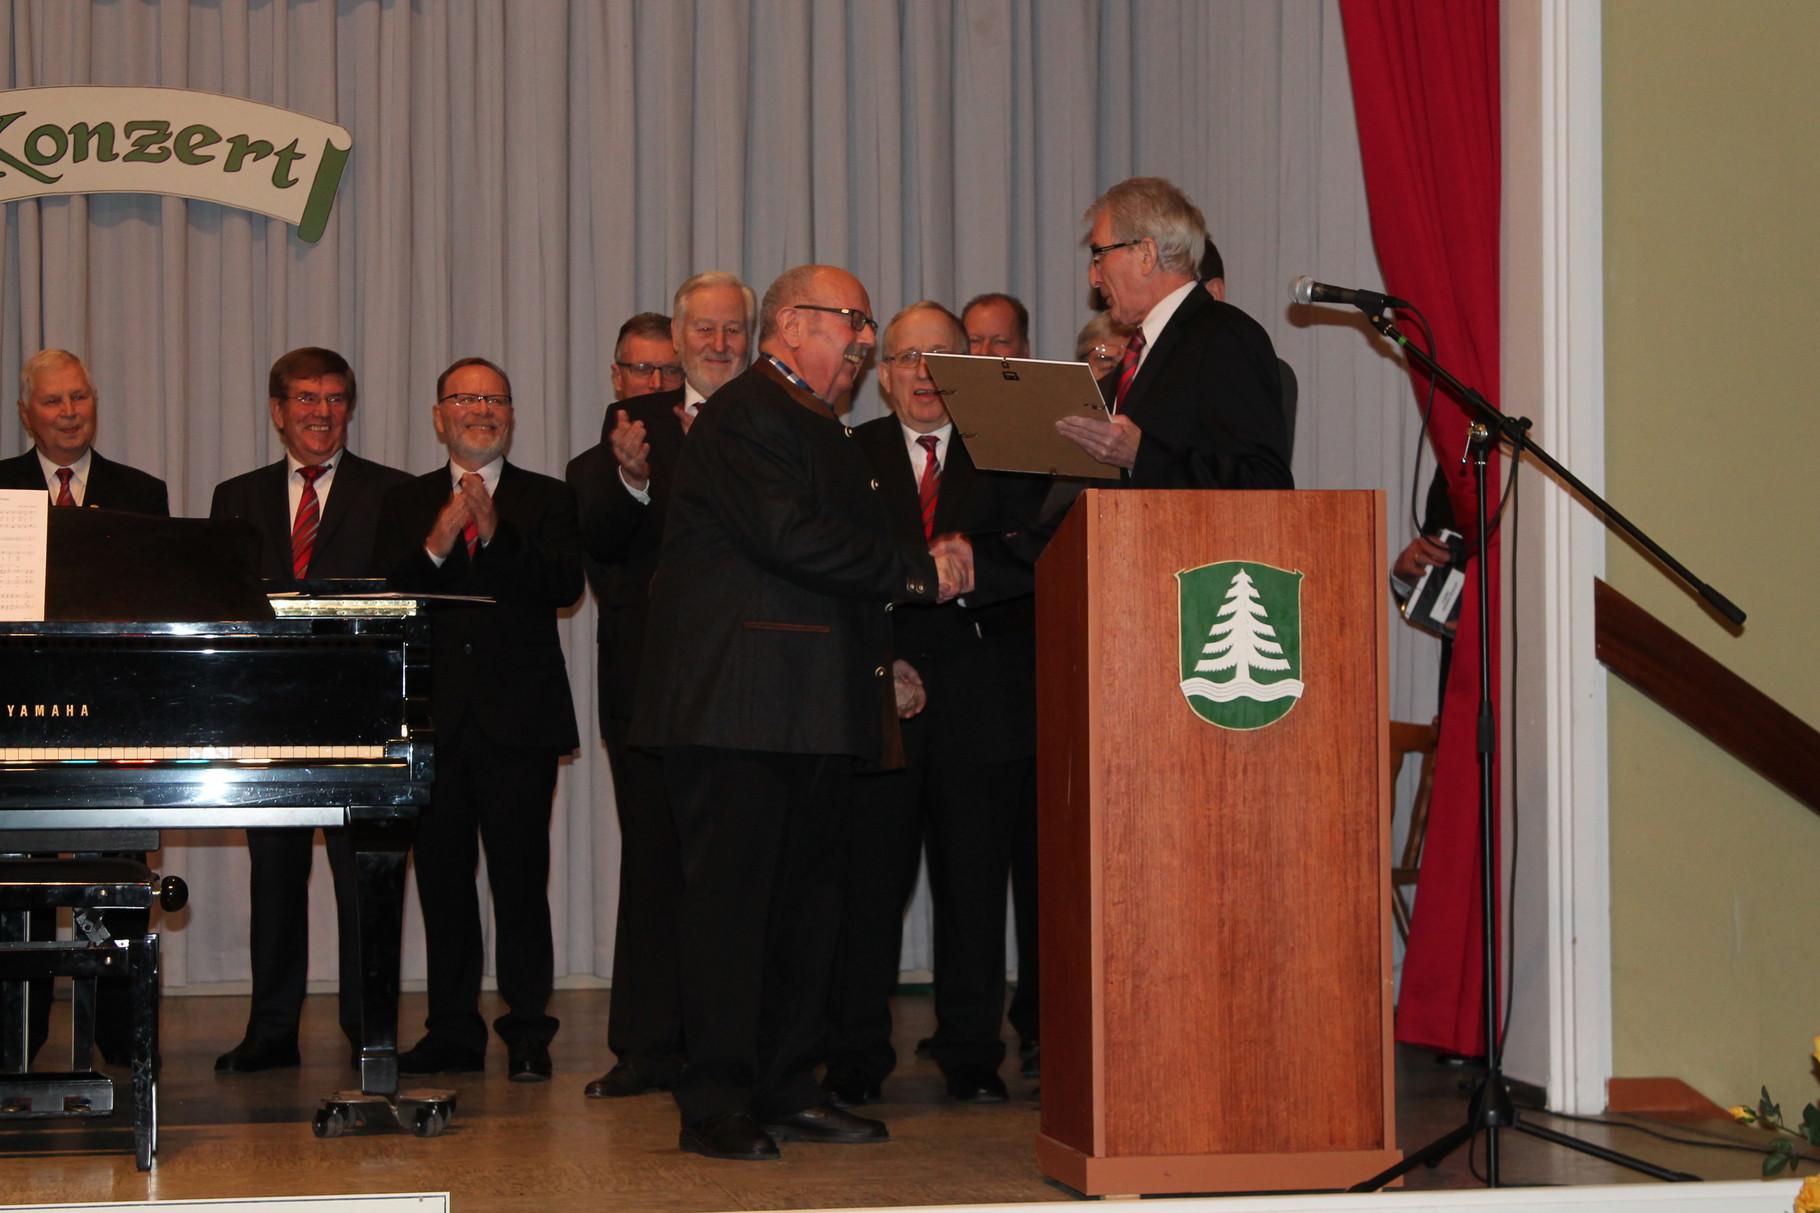 Ernennung zum Ehrenmitglied des MGV Bermbach - Hr. Albert Bleistein